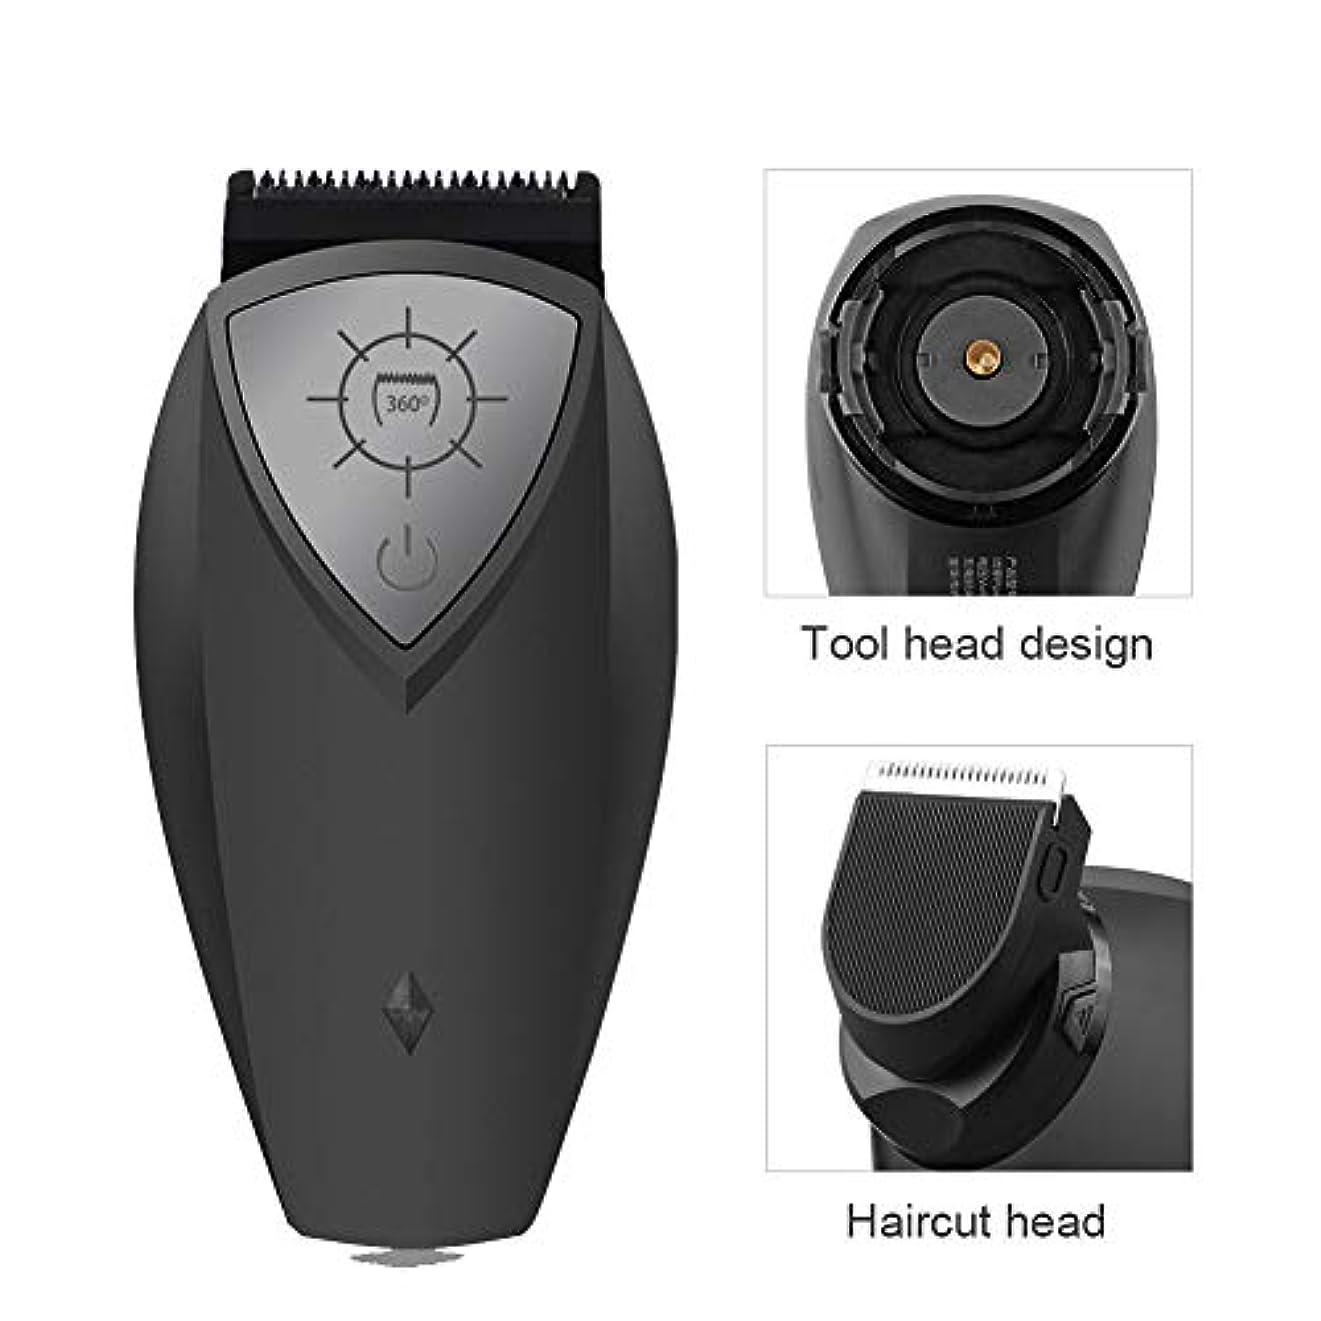 社交的外国人自殺男性用USB充電式シェーバーカミソリ、360度ロータリー充電式男性電気シェーバー本体ひげ毛トリマーカミソリ